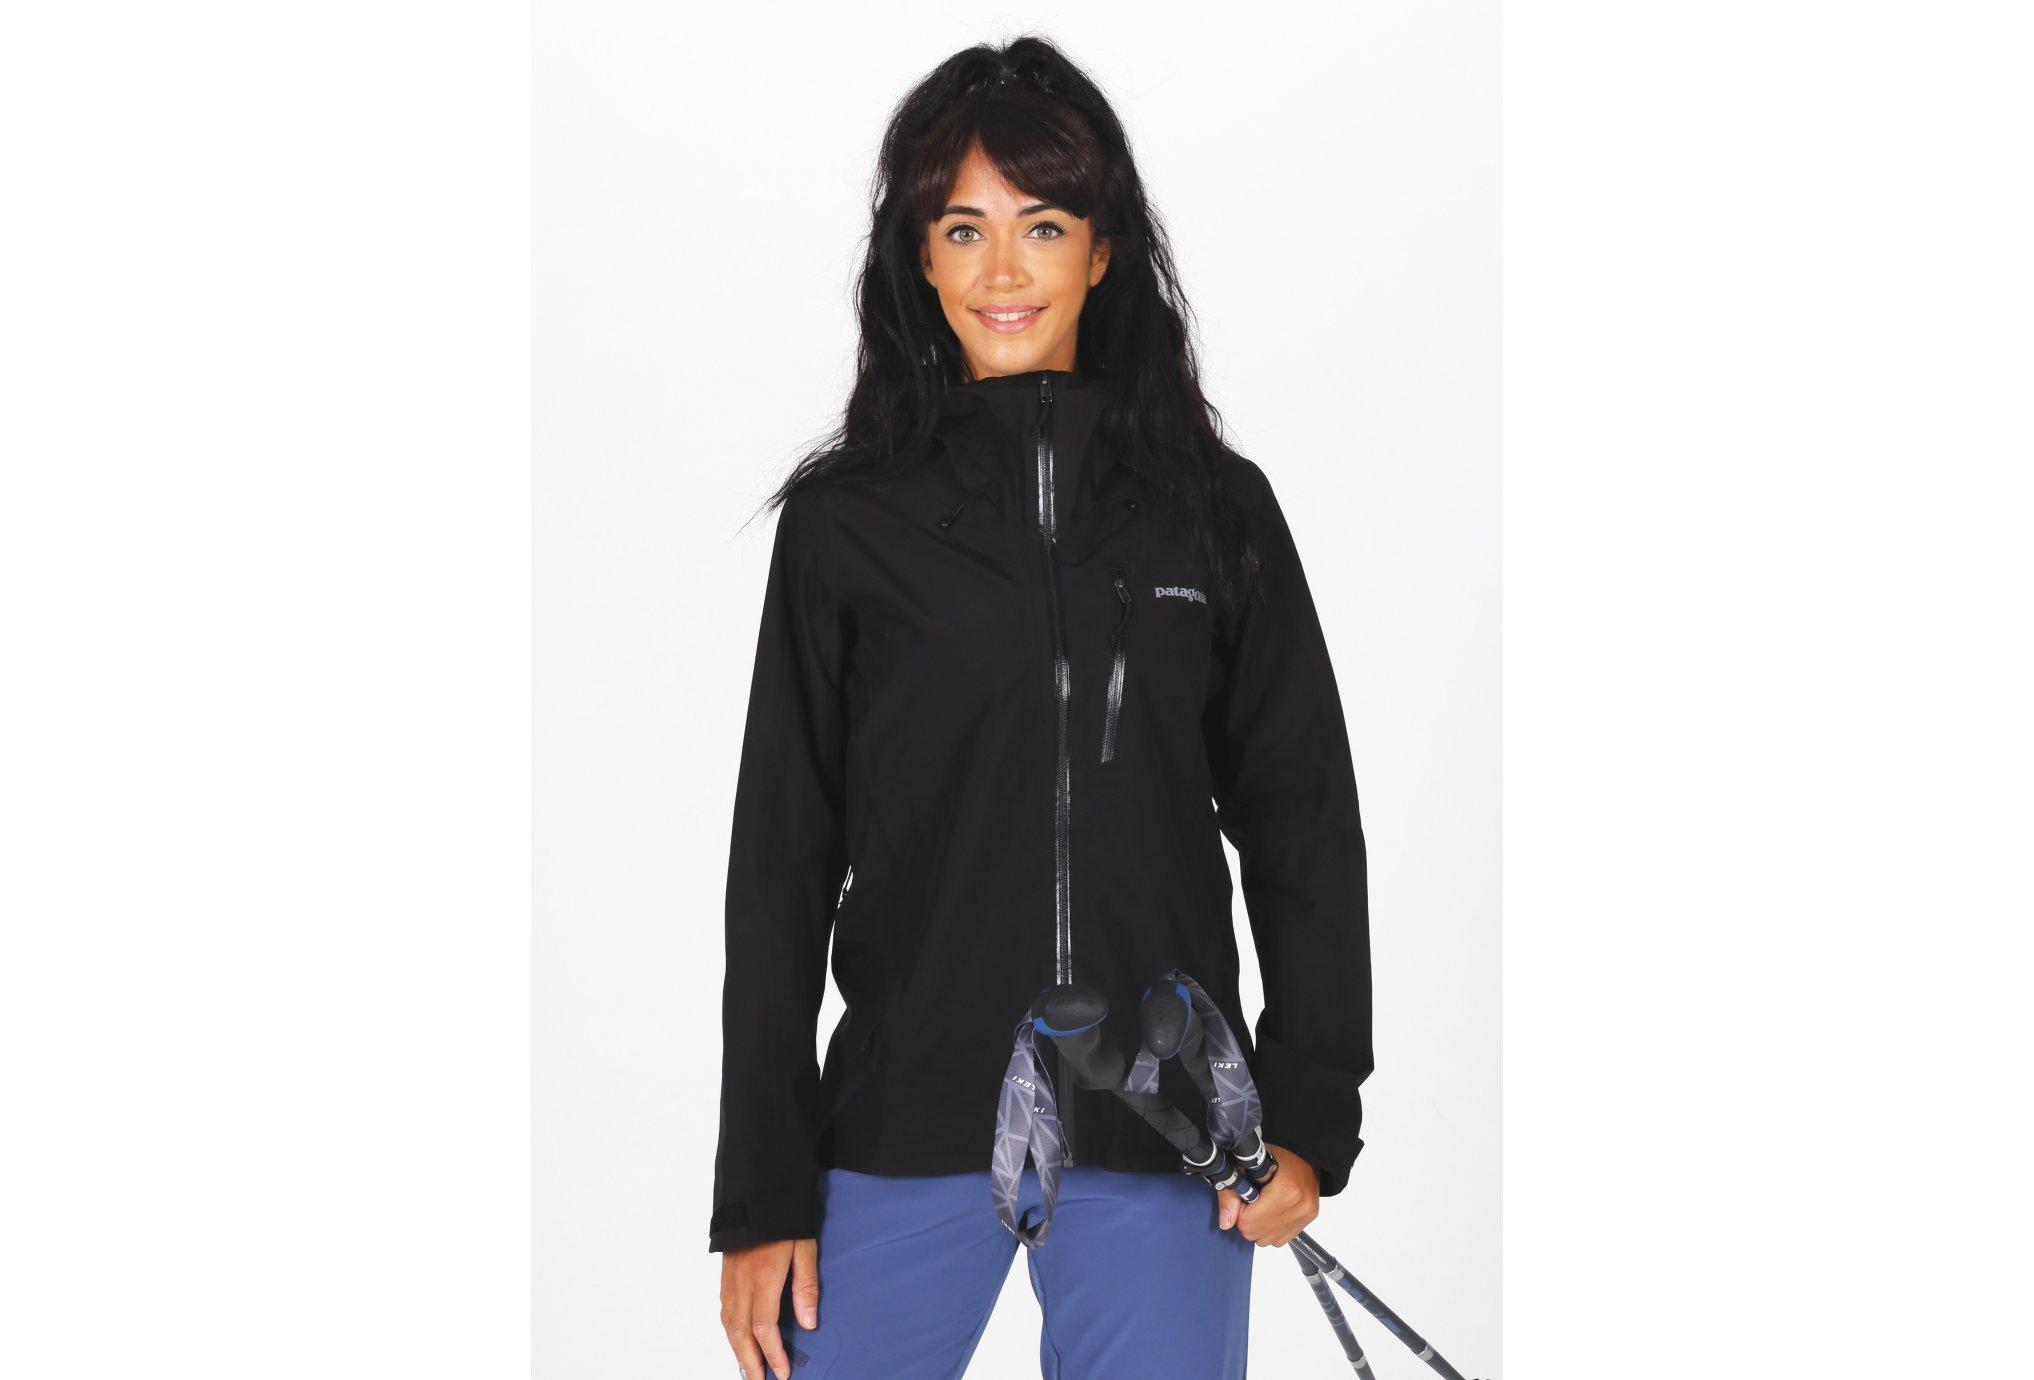 Patagonia Calcite Gore-Tex W vêtement running femme